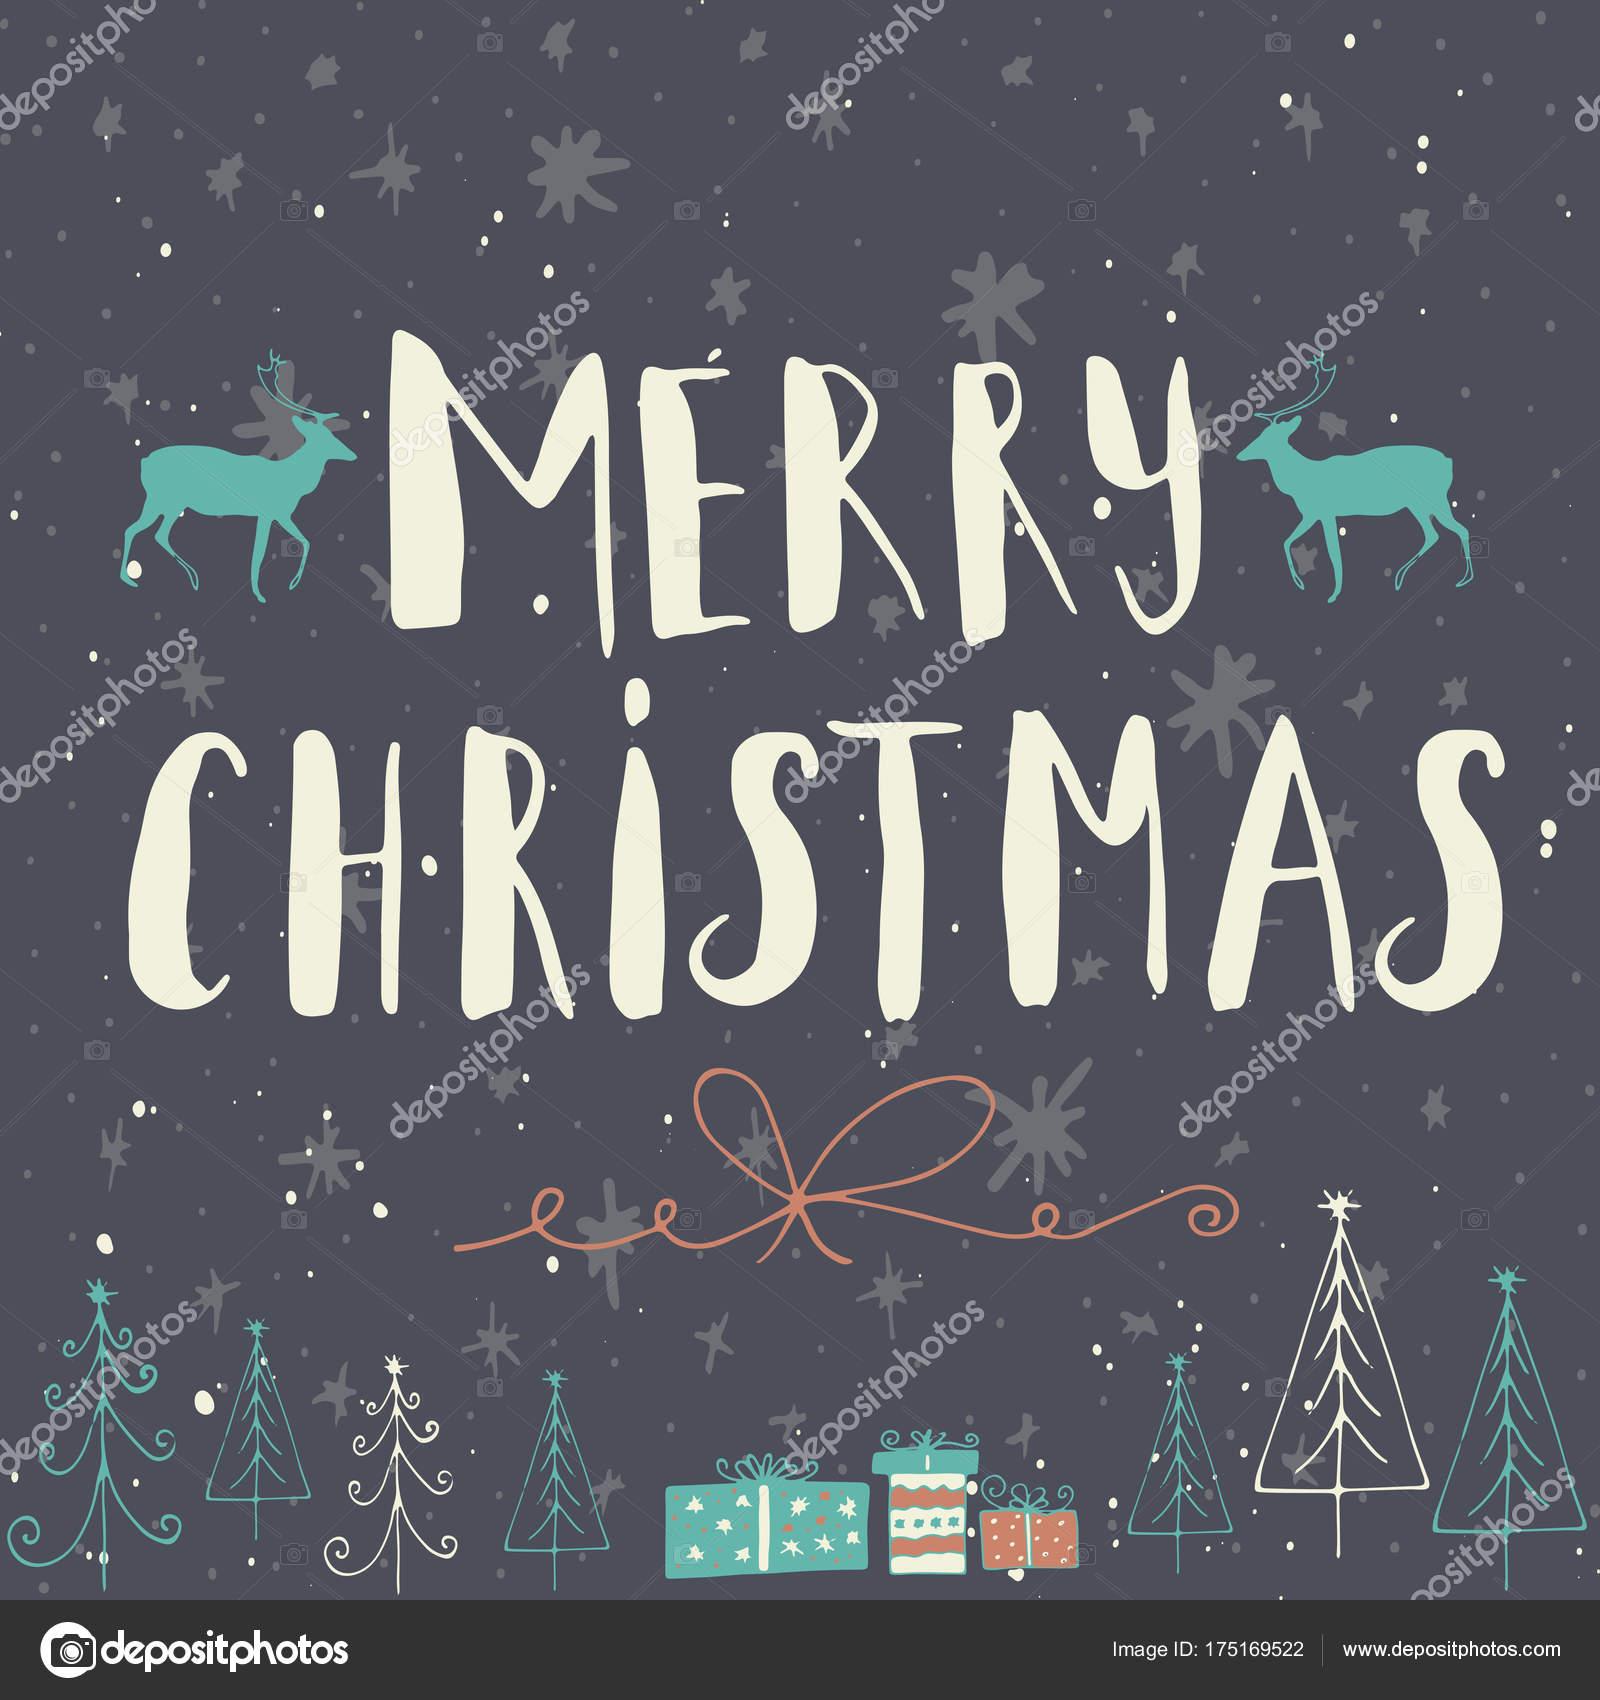 étiquette Texte Joyeux Noël Sur Fond Hiver Avec Neige Des